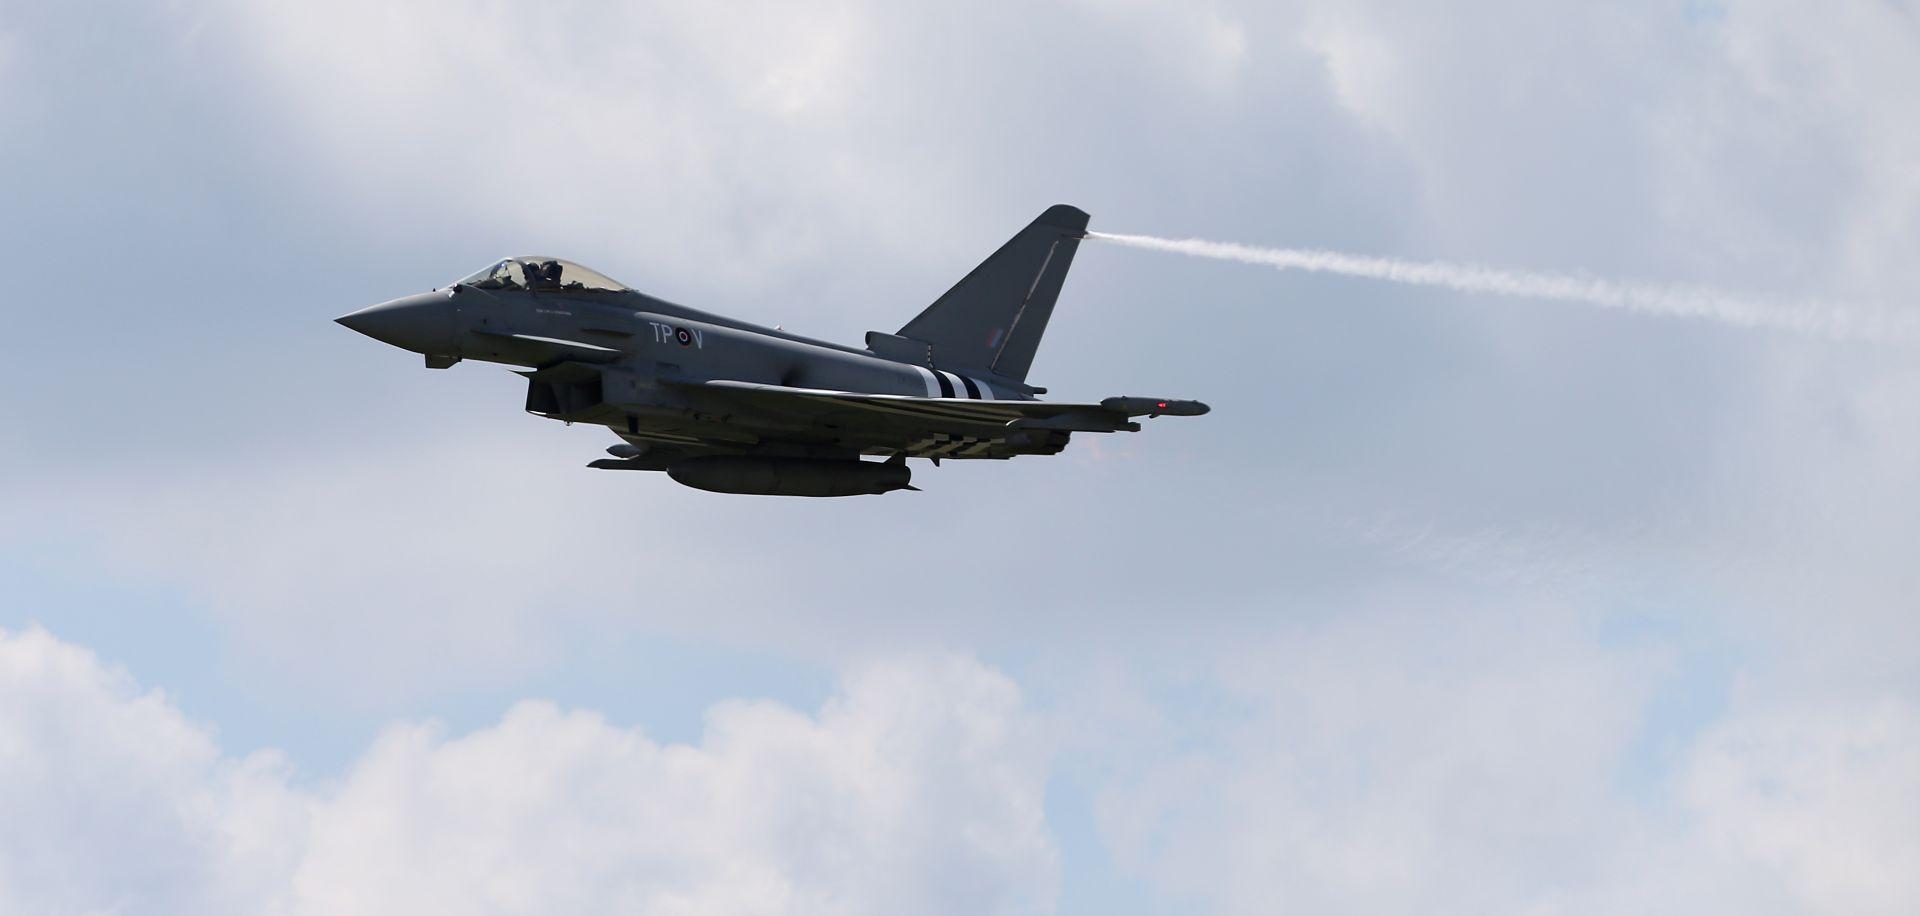 BRITANSKO RATNO ZRAKOPLOVSTVO NAD BALTIKOM Nakon uočenih 10 ruskih vojnih aviona, uzletio je i RAF